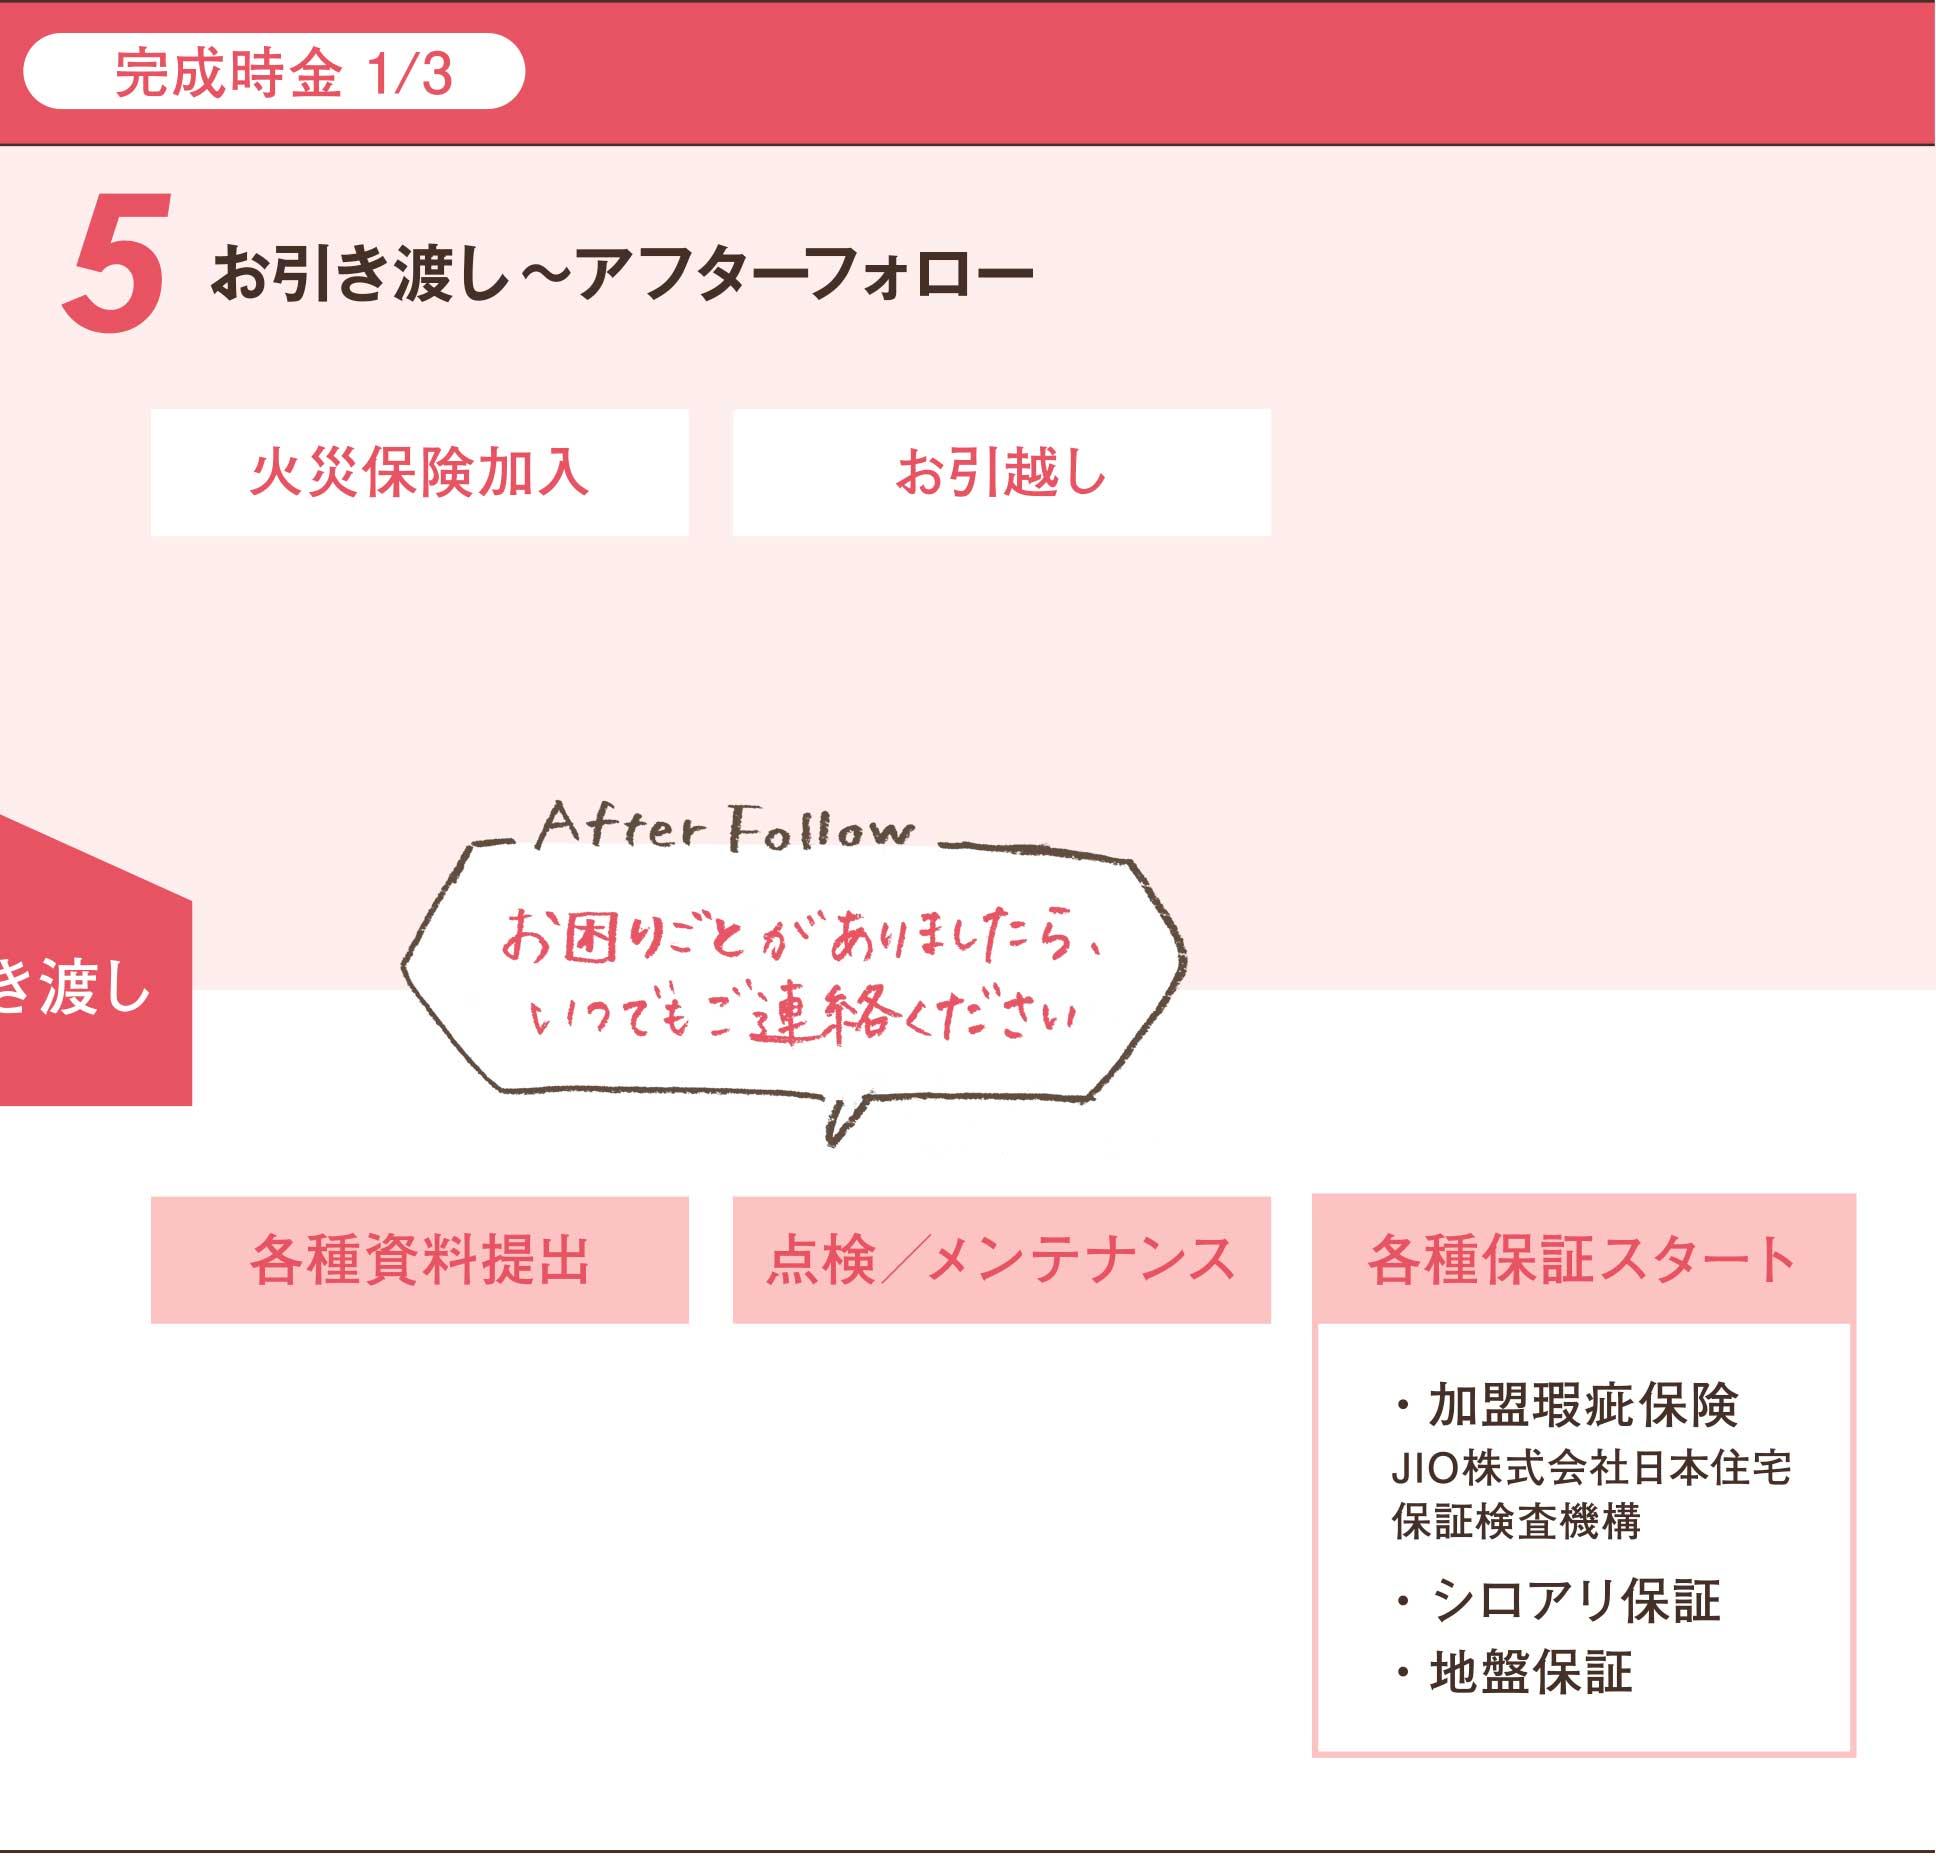 5.お引き渡し〜アフターフォロー - 完成時金1/3